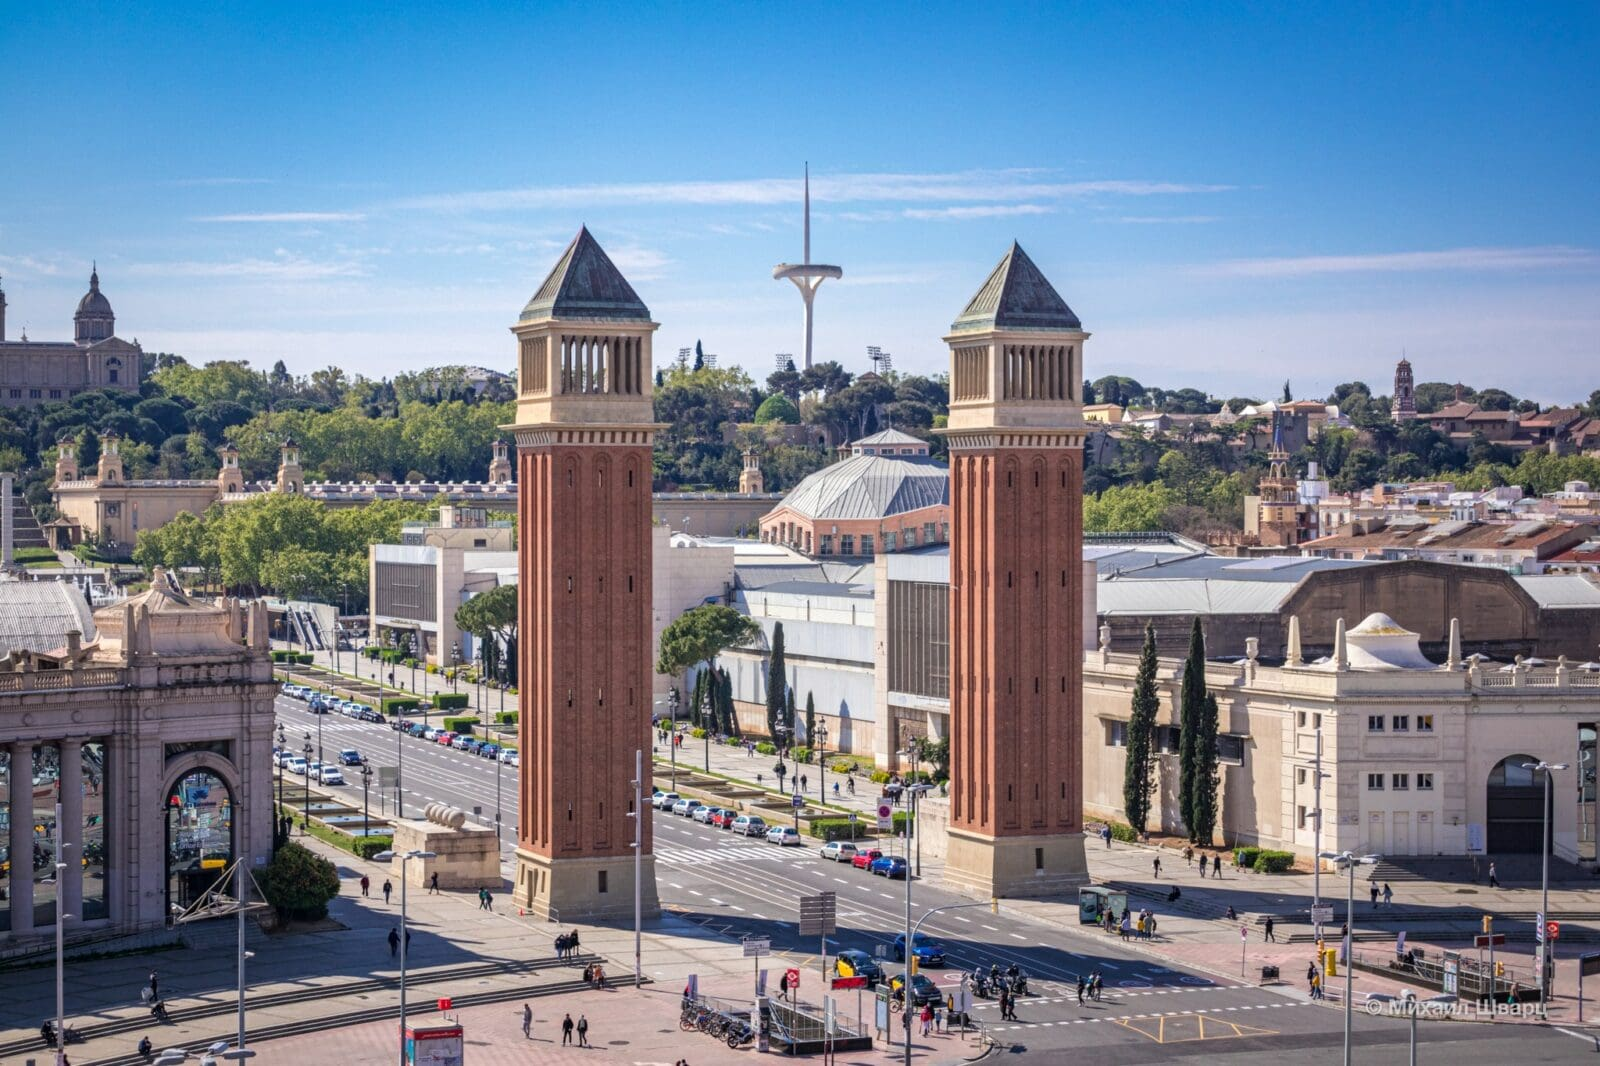 Выставочный центр Fira de Barcelona и Венецианские башни